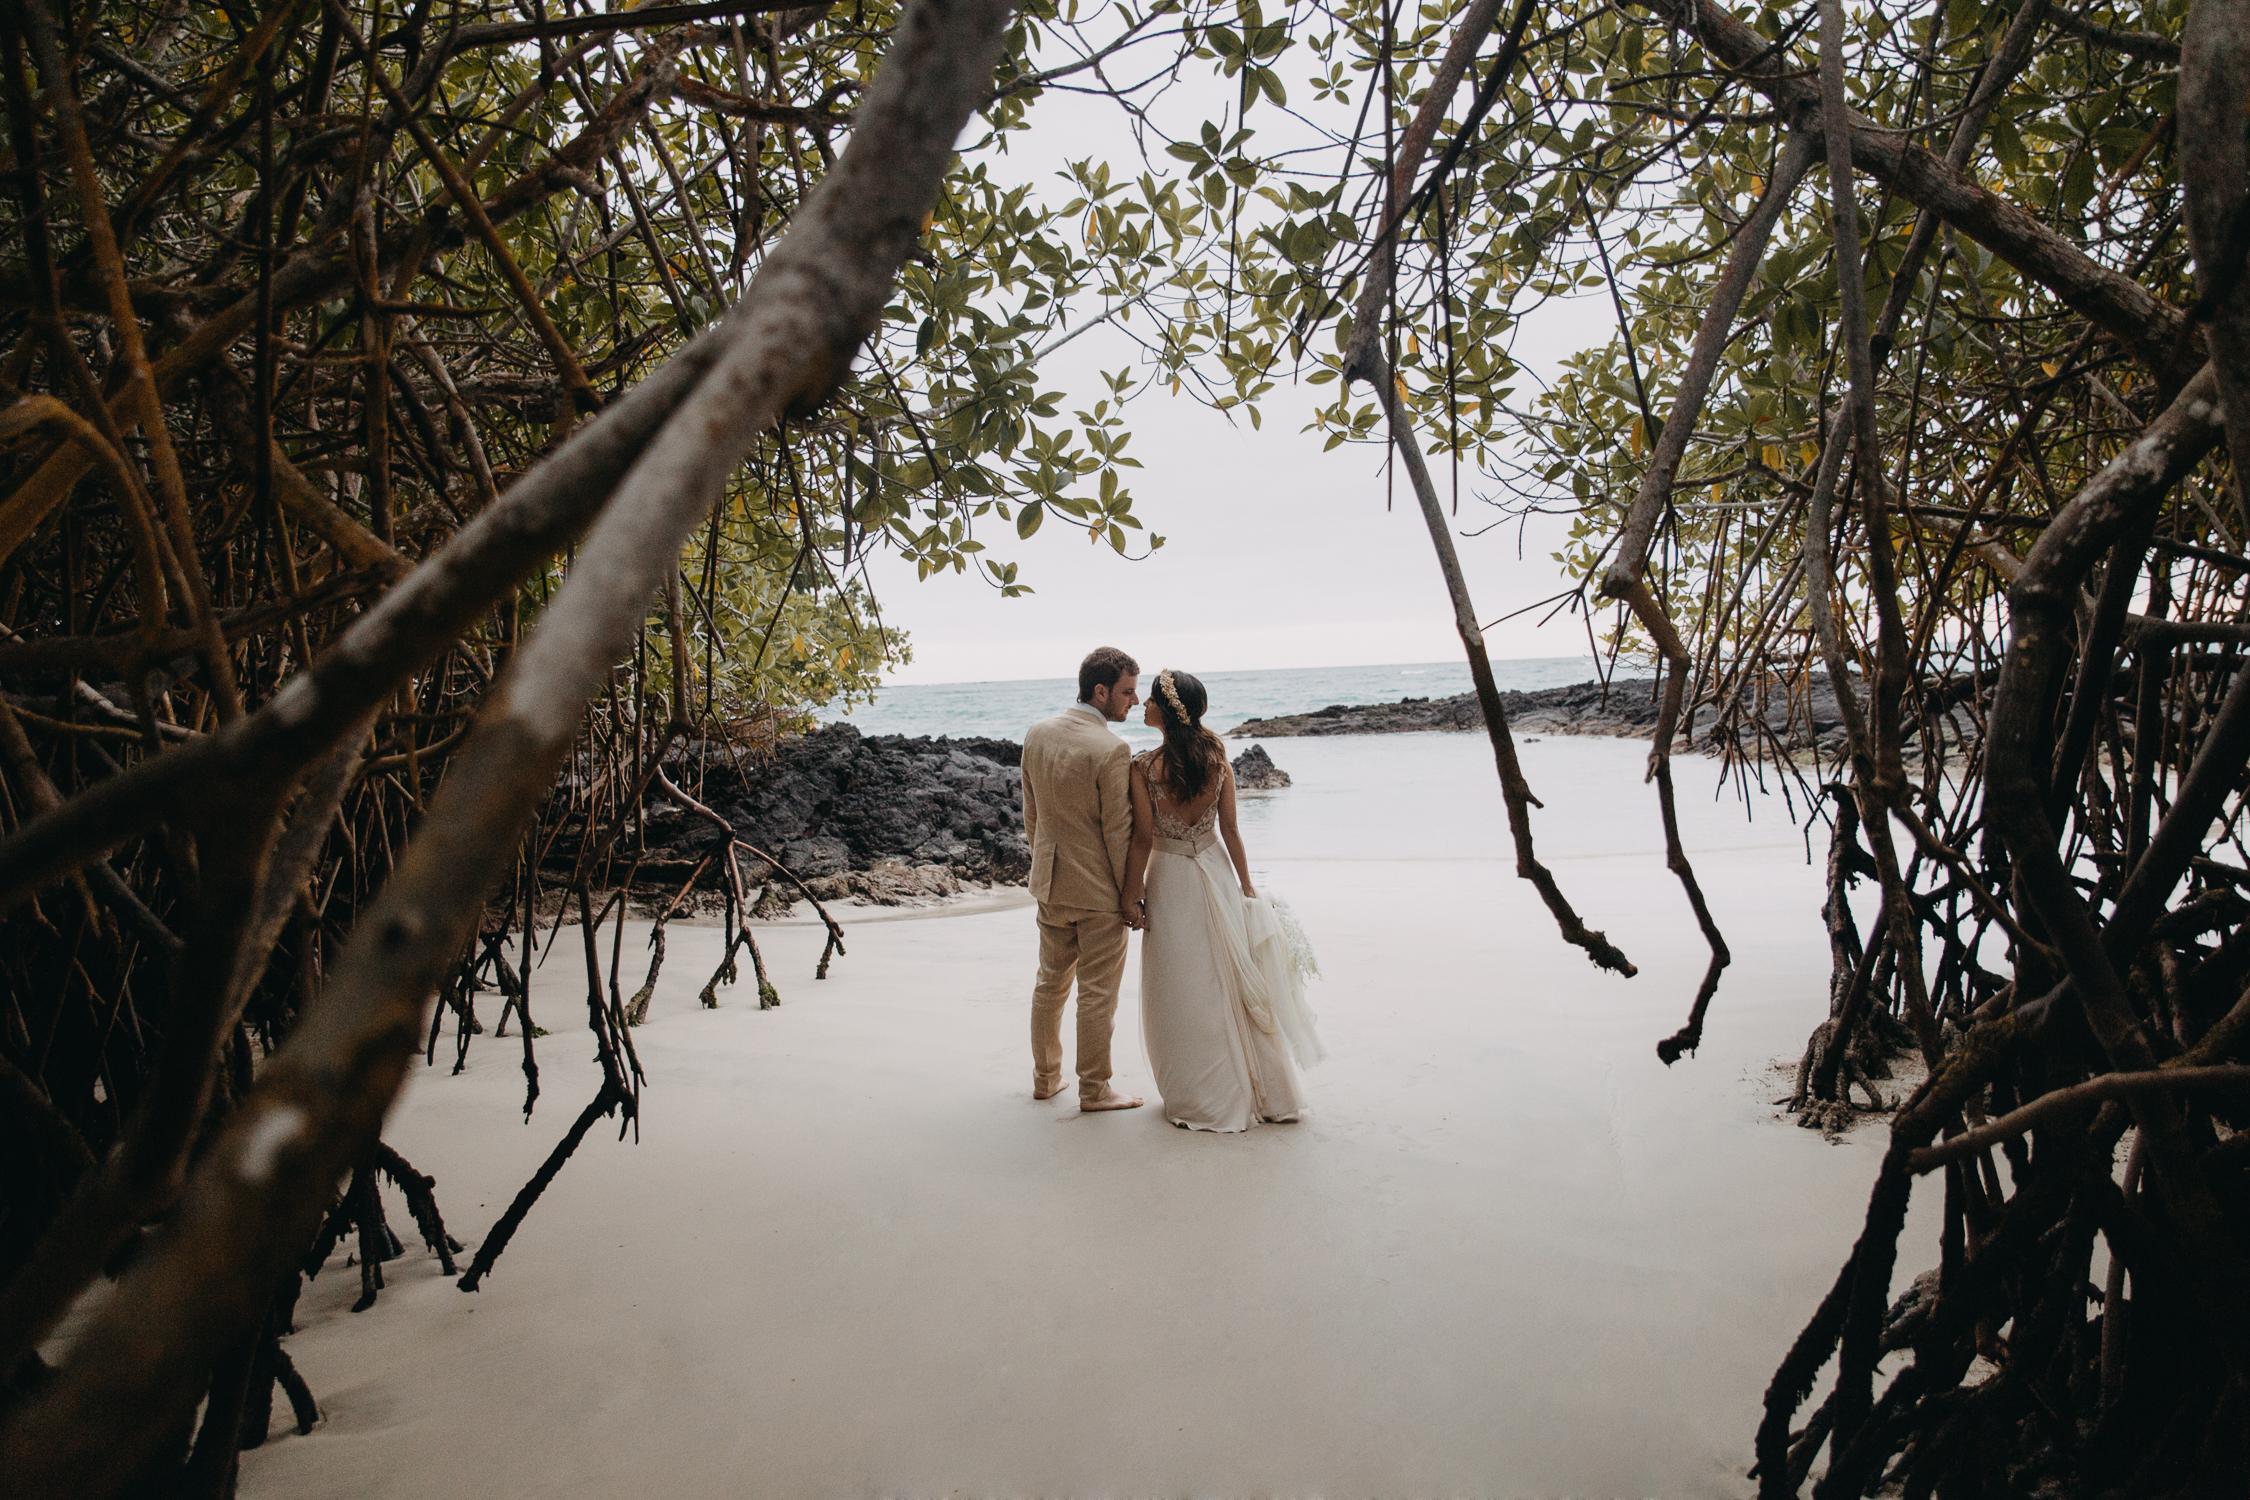 Michelle-Agurto-Fotografia-Bodas-Ecuador-Destination-Wedding-Photographer-Galapagos-Andrea-Joaquin-223.JPG